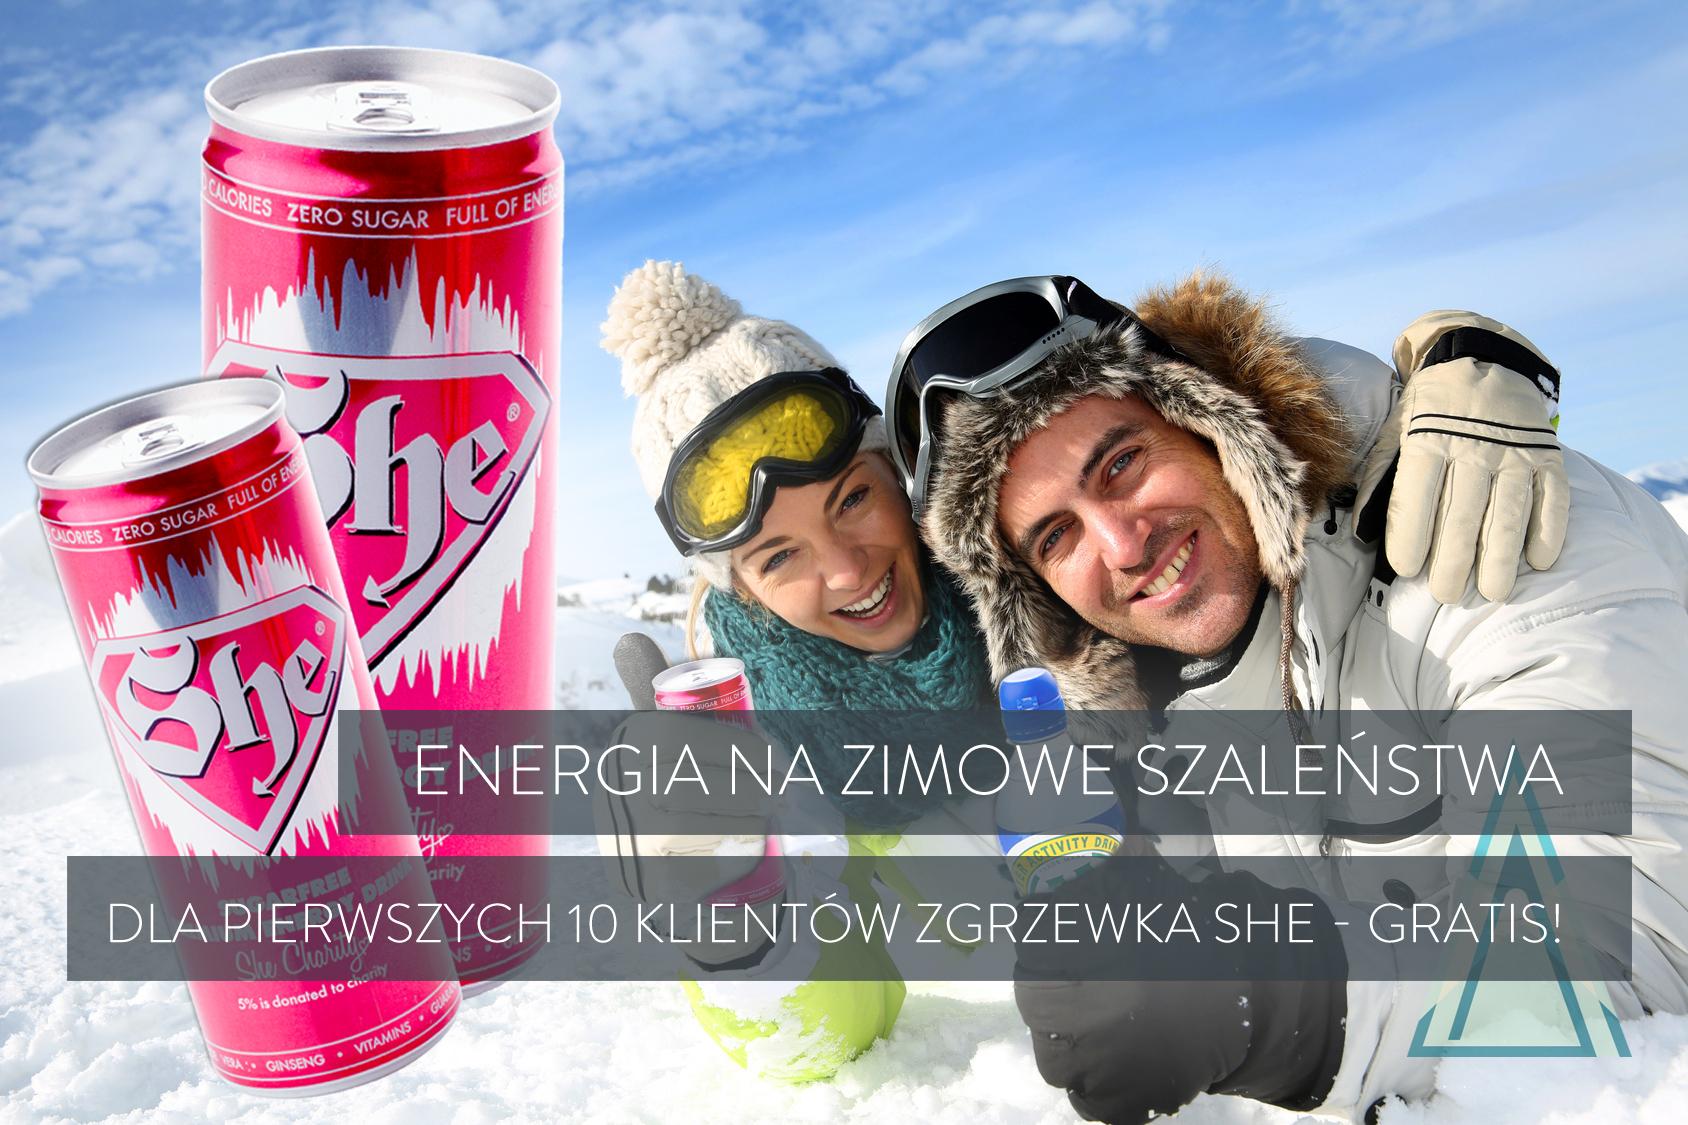 promocja napoju energetycznego SHE